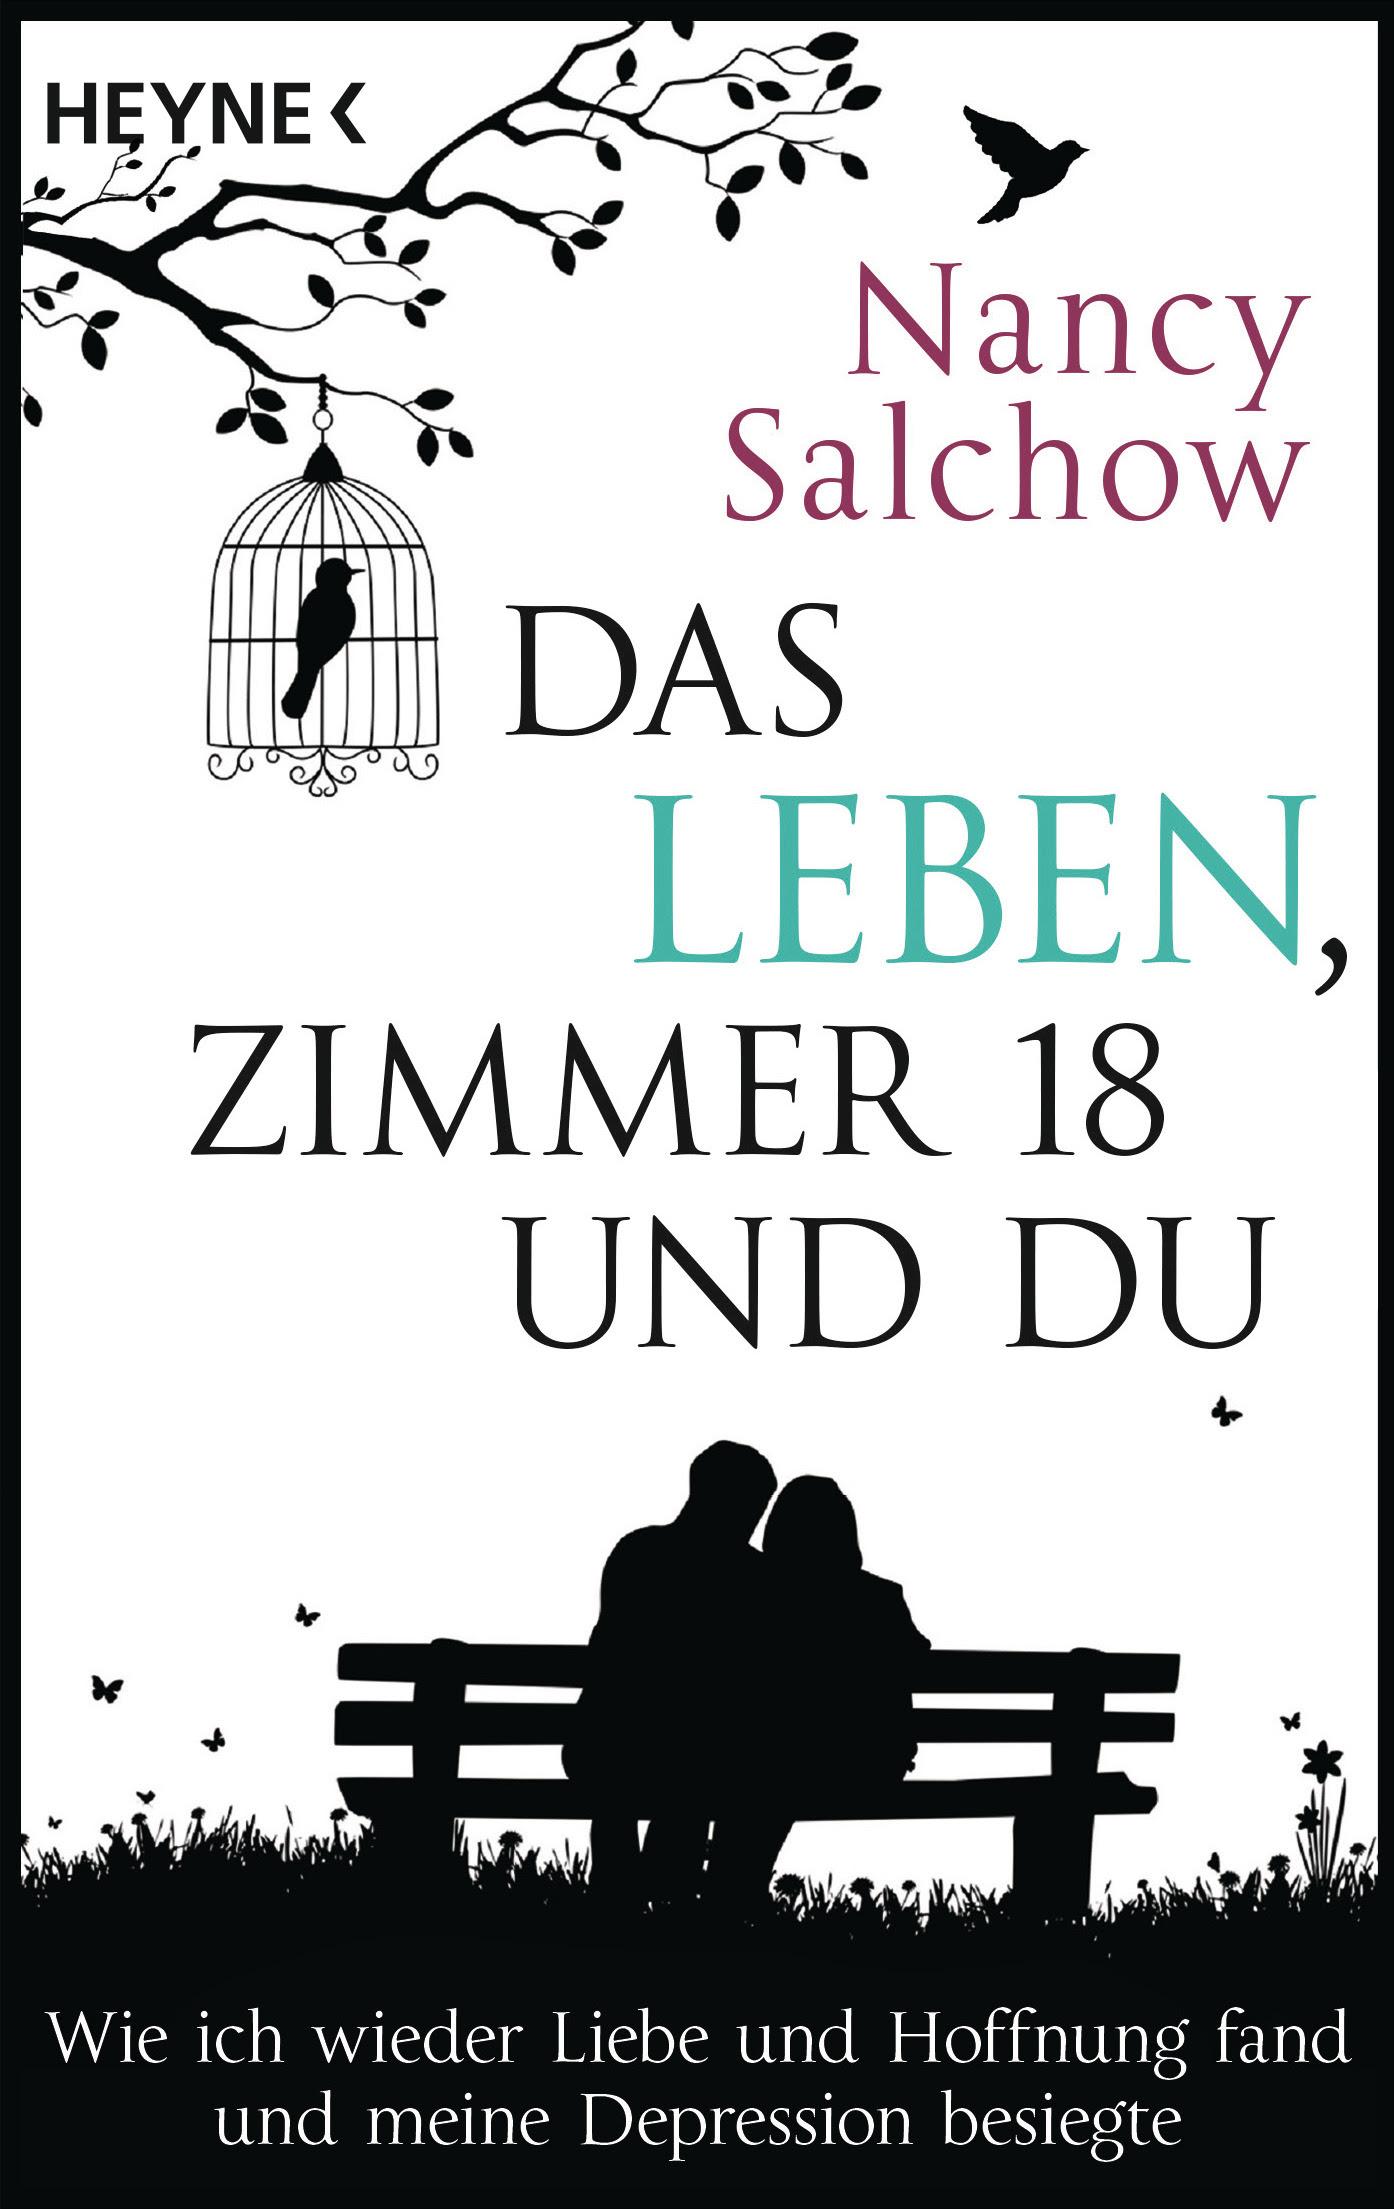 Das Leben Zimmer 18 und du von Nancy Salchow